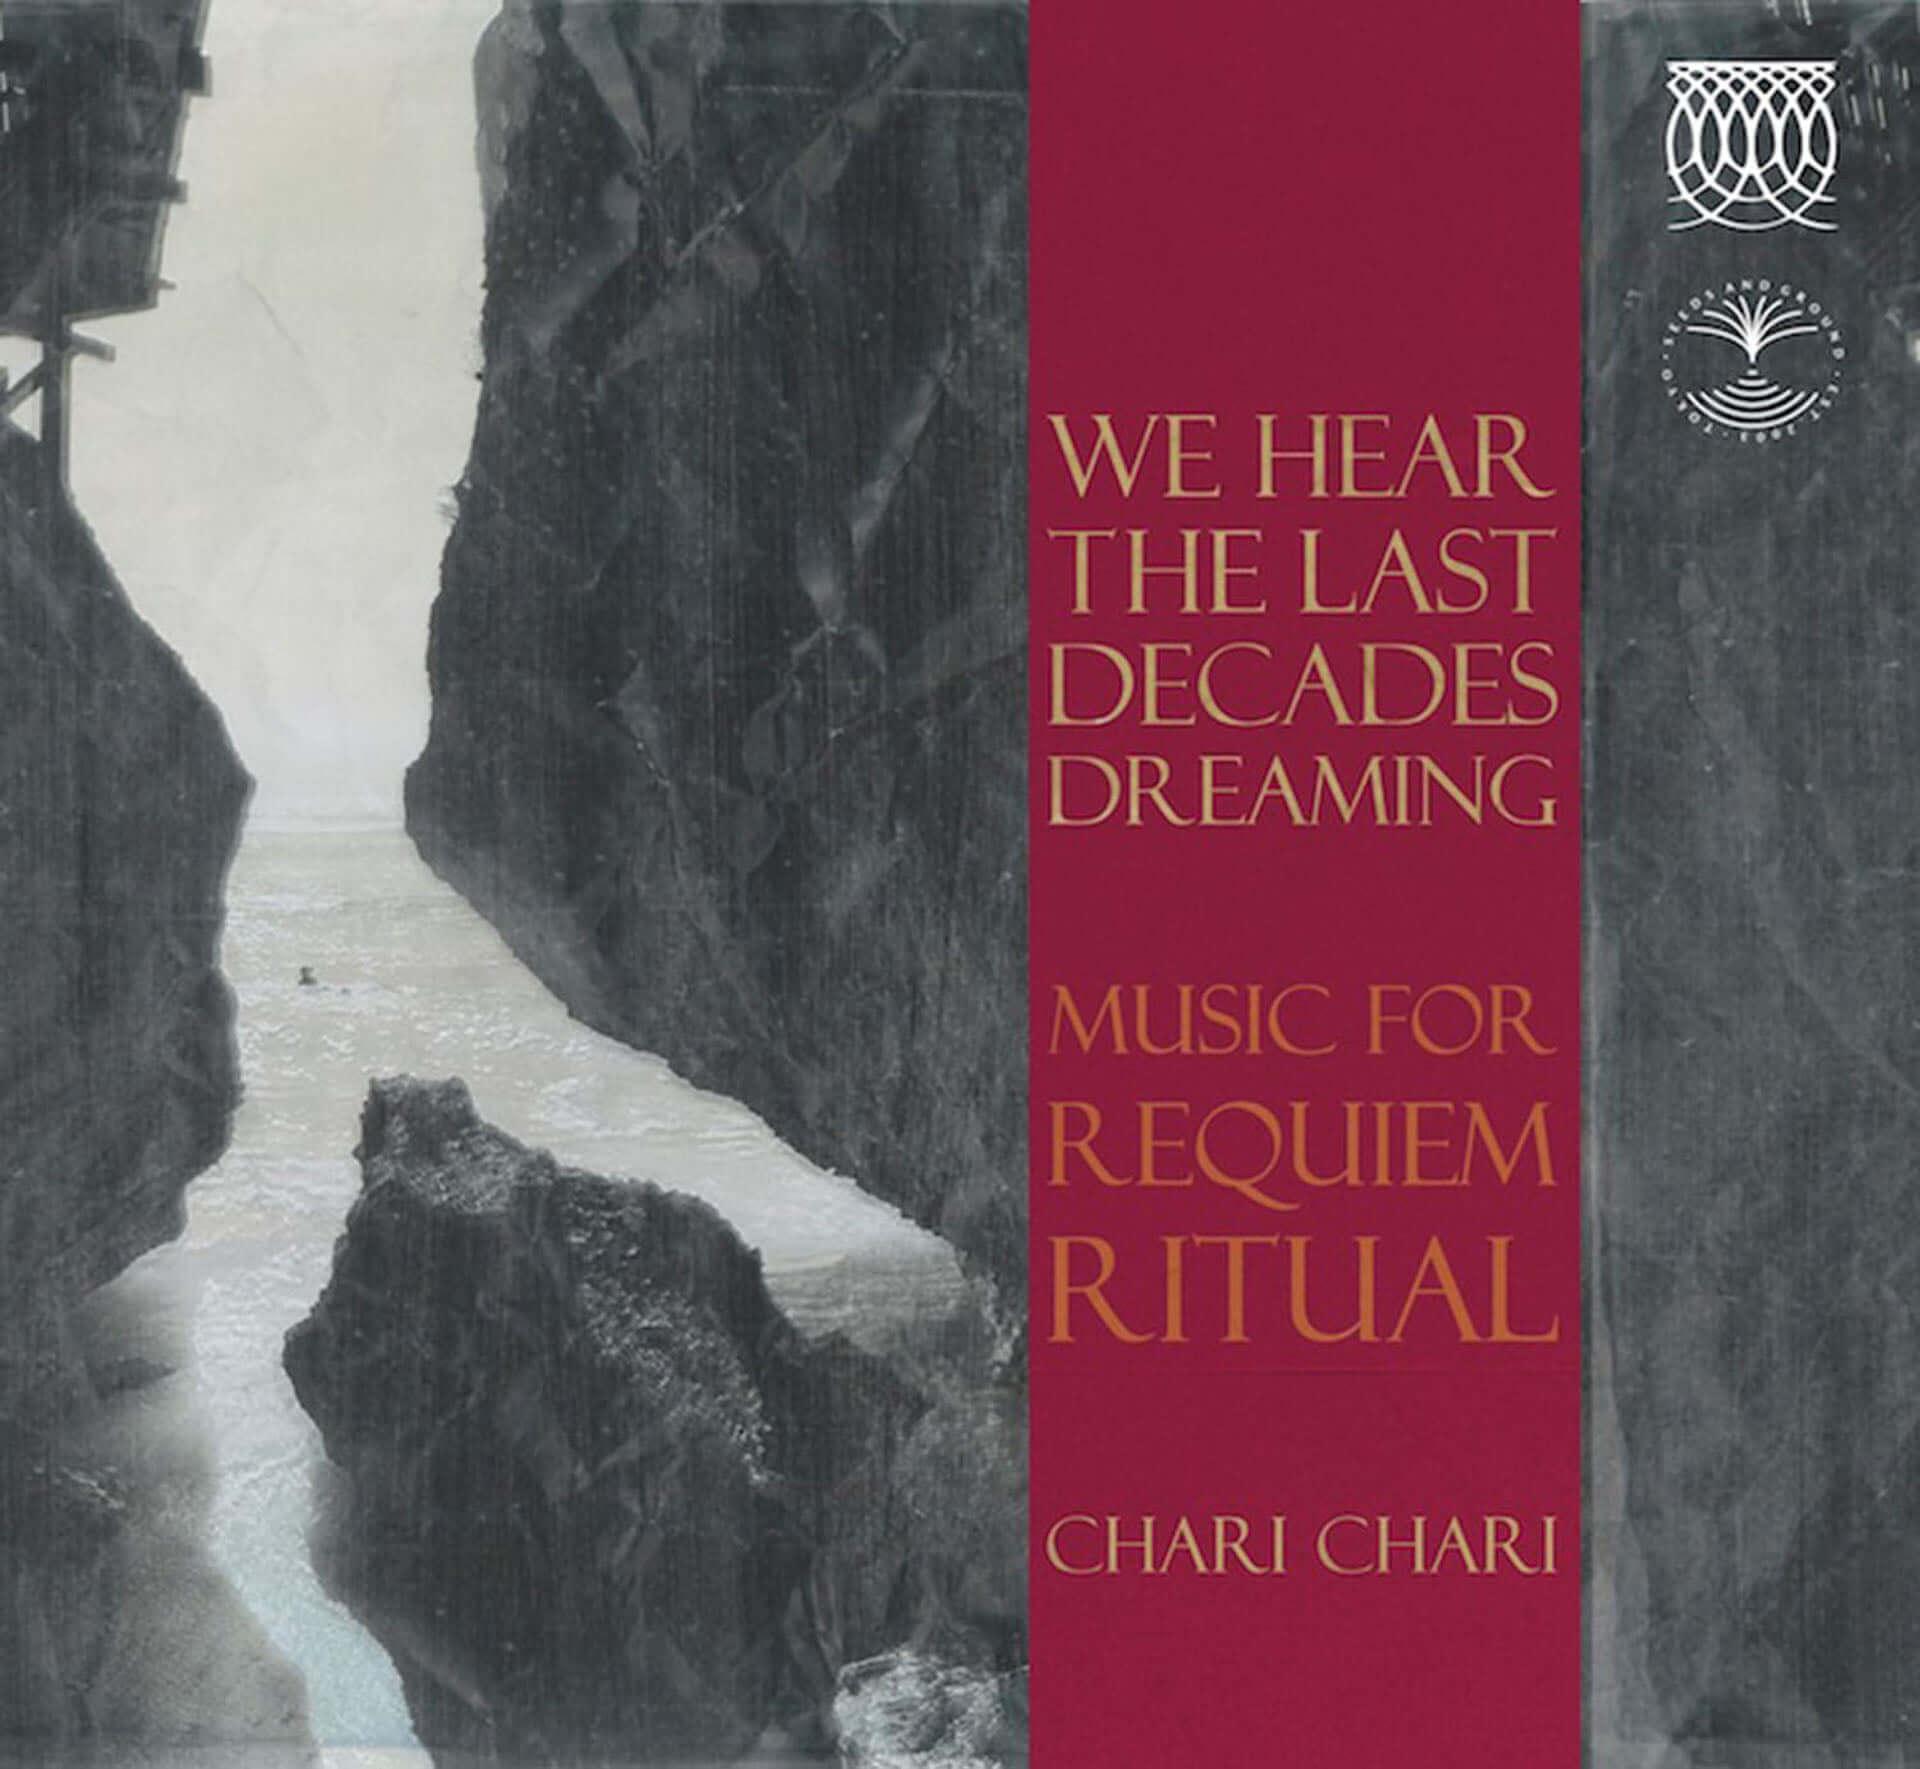 Kaoru Inoue、Chari Chari名義で18年振りのニューアルバム『We hear the last decades dreaming』を発表!自身主宰のレーベル〈Seeds And Ground〉よりデジタル配信もスタート music200618_kaoruinoue_main-1920x1769